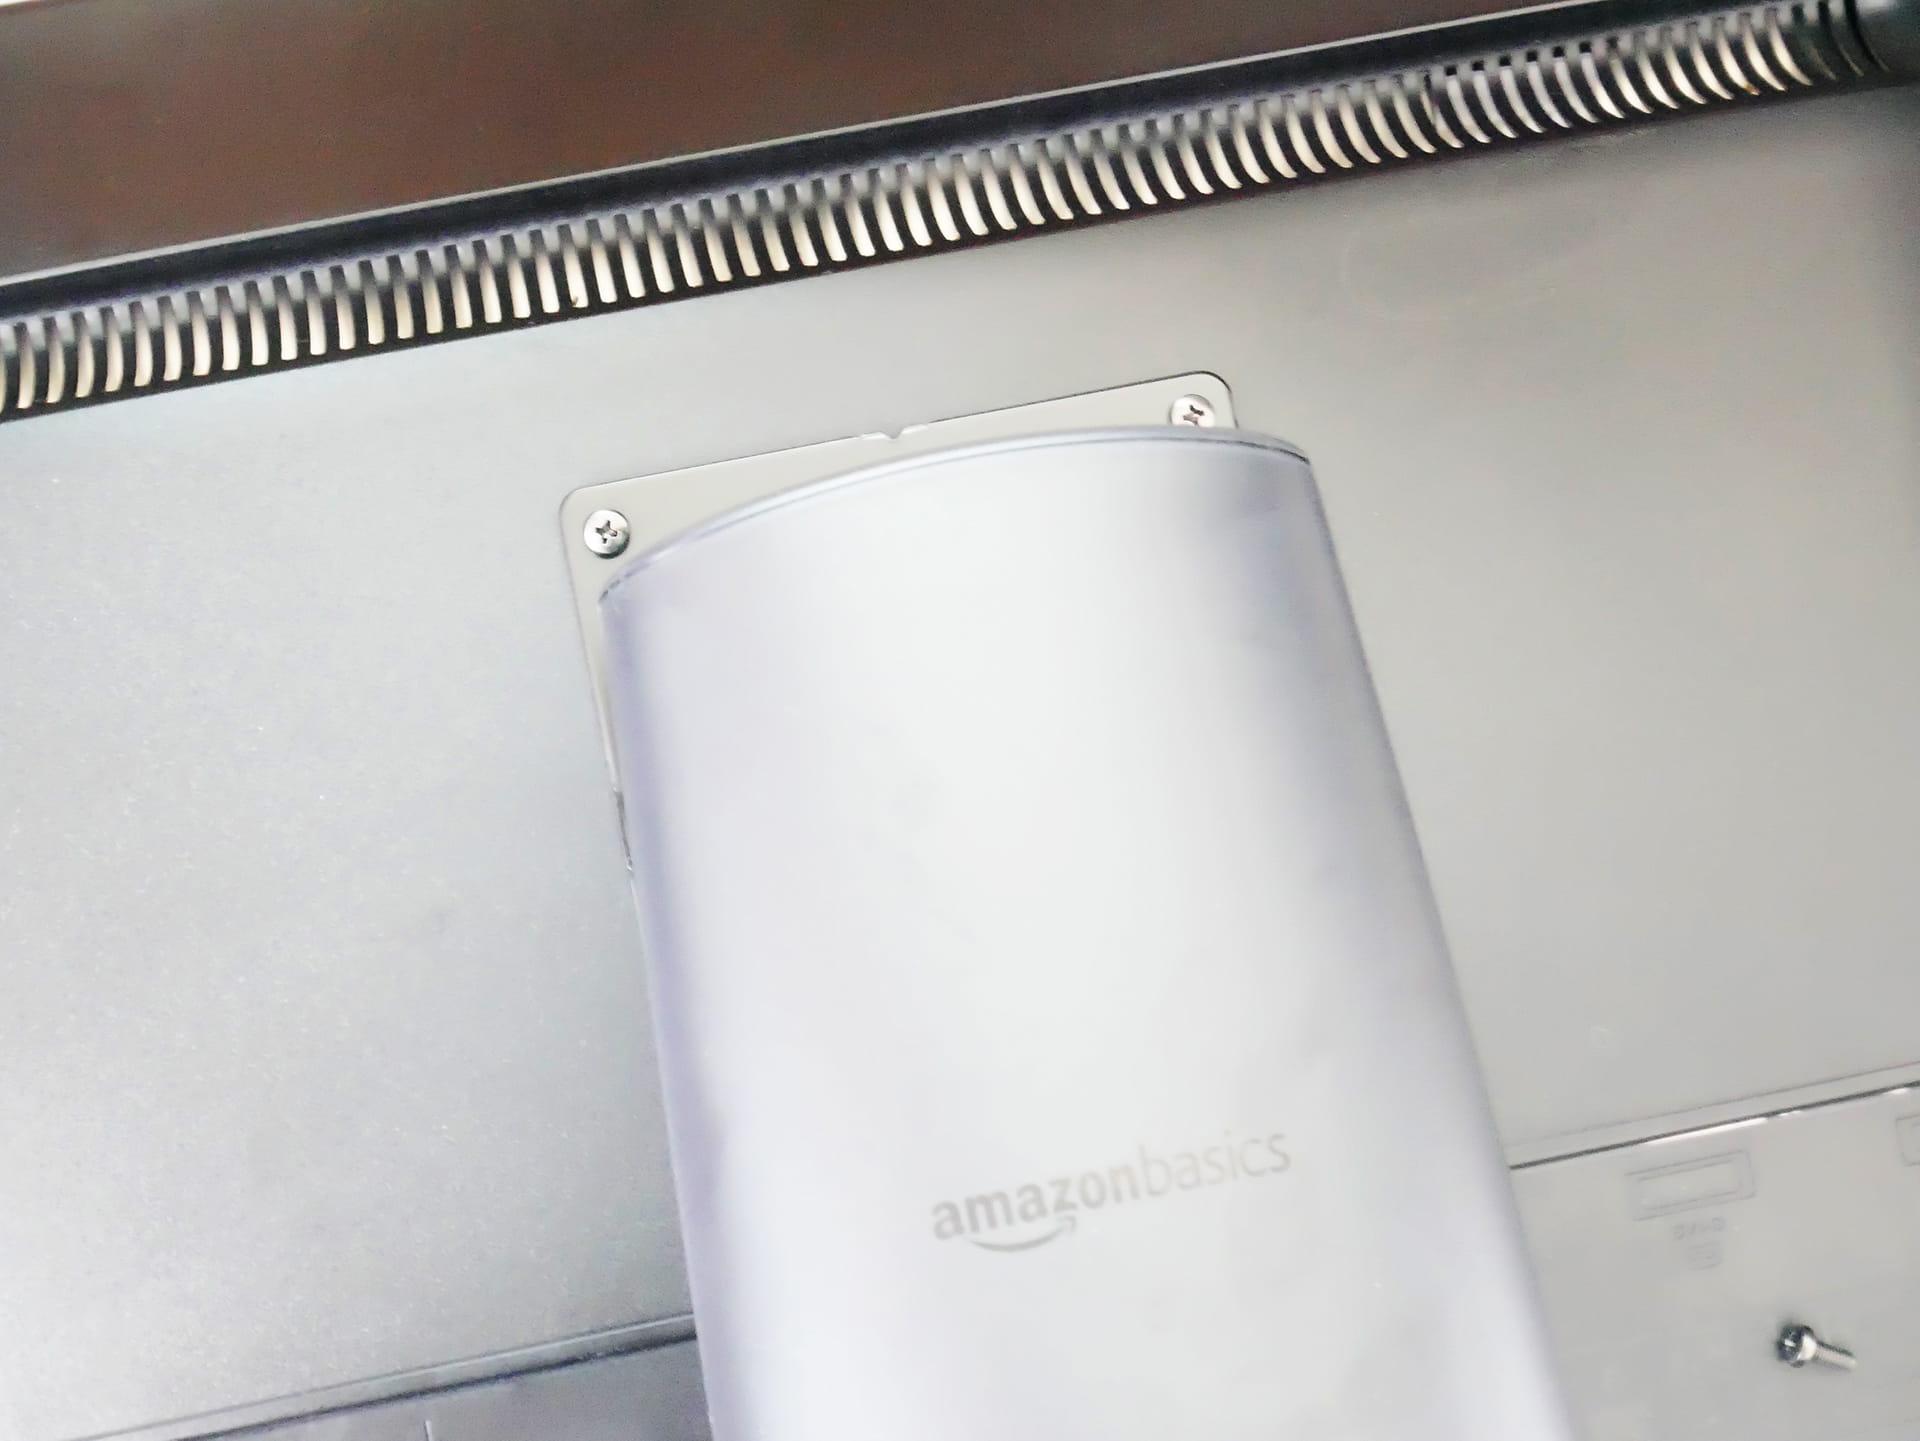 Amazonベーシック LCDモニタースタンドをモニタに取り付け